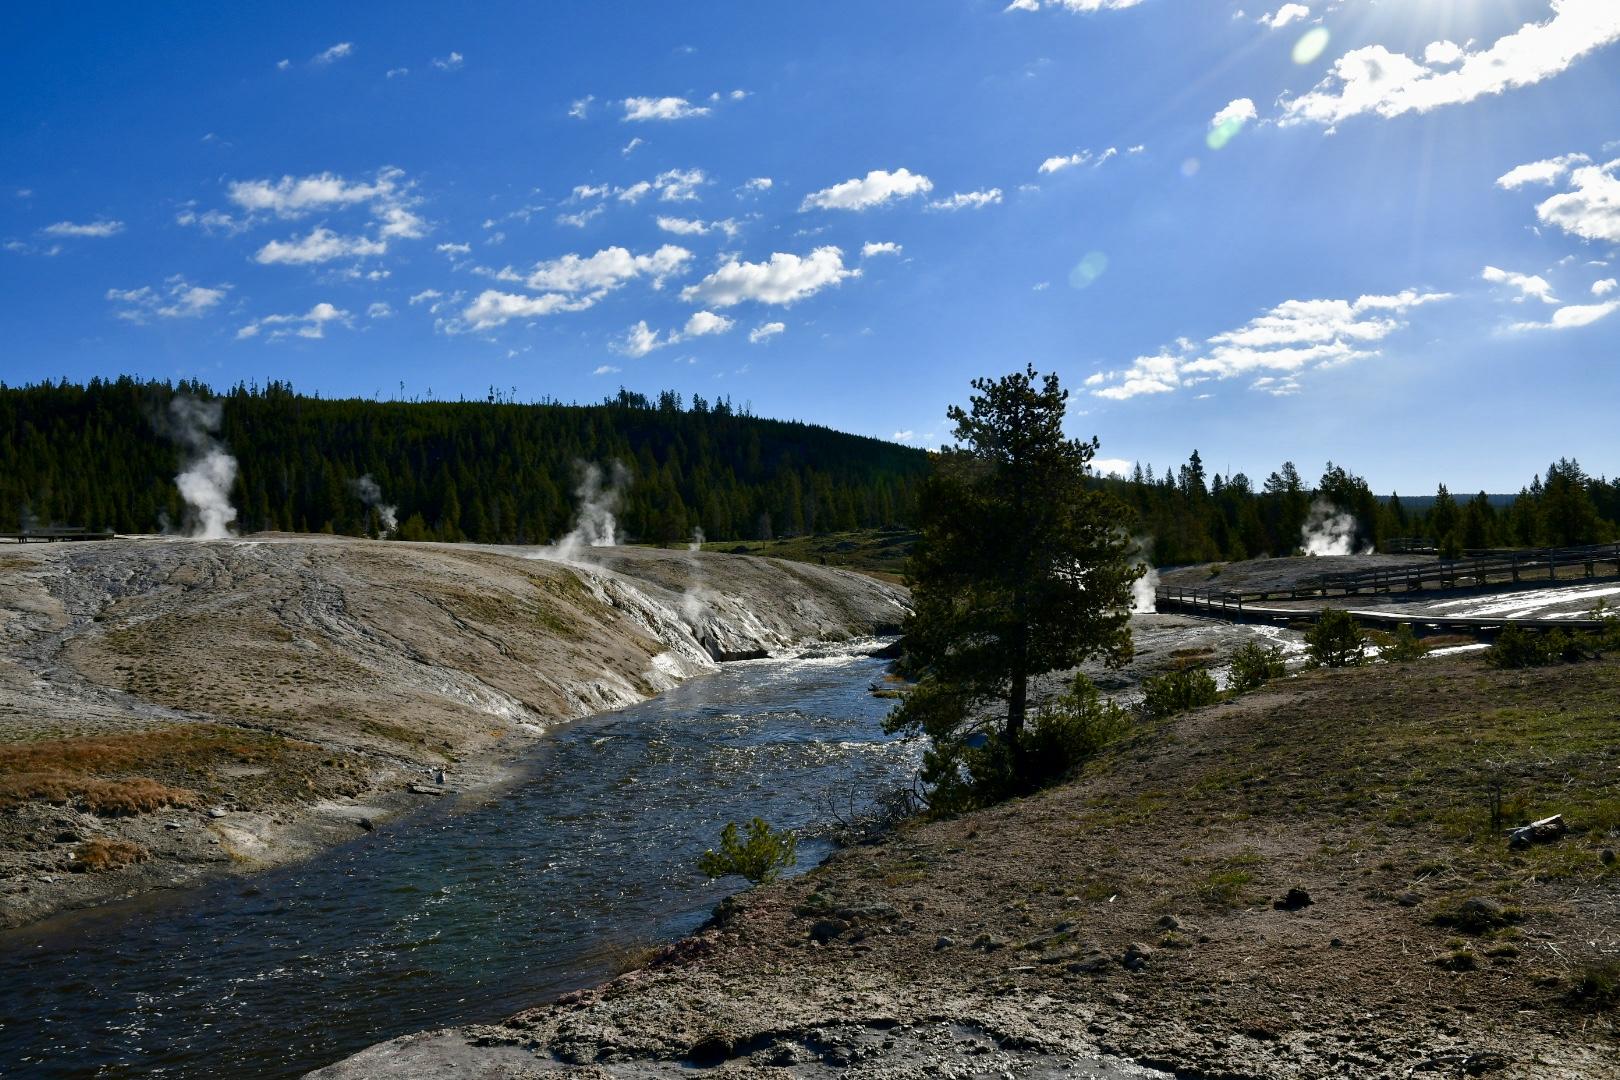 Auf Holzstegen geht man auf dem Old Faithful Rundweg vorbei an dampfenden Bächen, verätzter Erde und dampfenden Thermalbecken